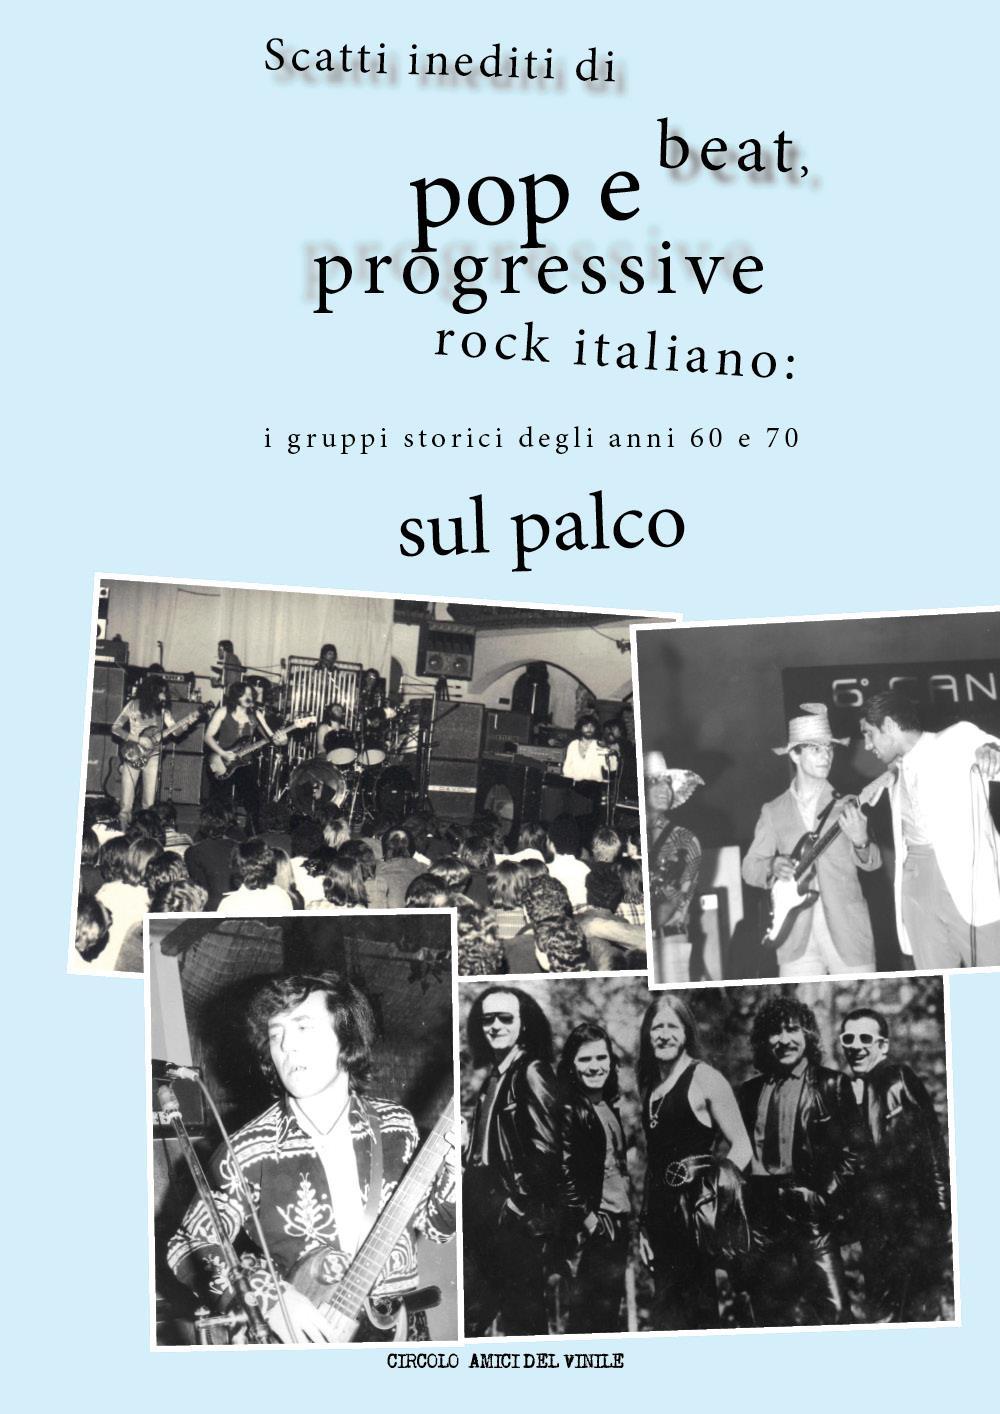 Scatti inediti di beat, pop e progressive rock italiano: i gruppi storici degli anni 60 e 70 sul palco